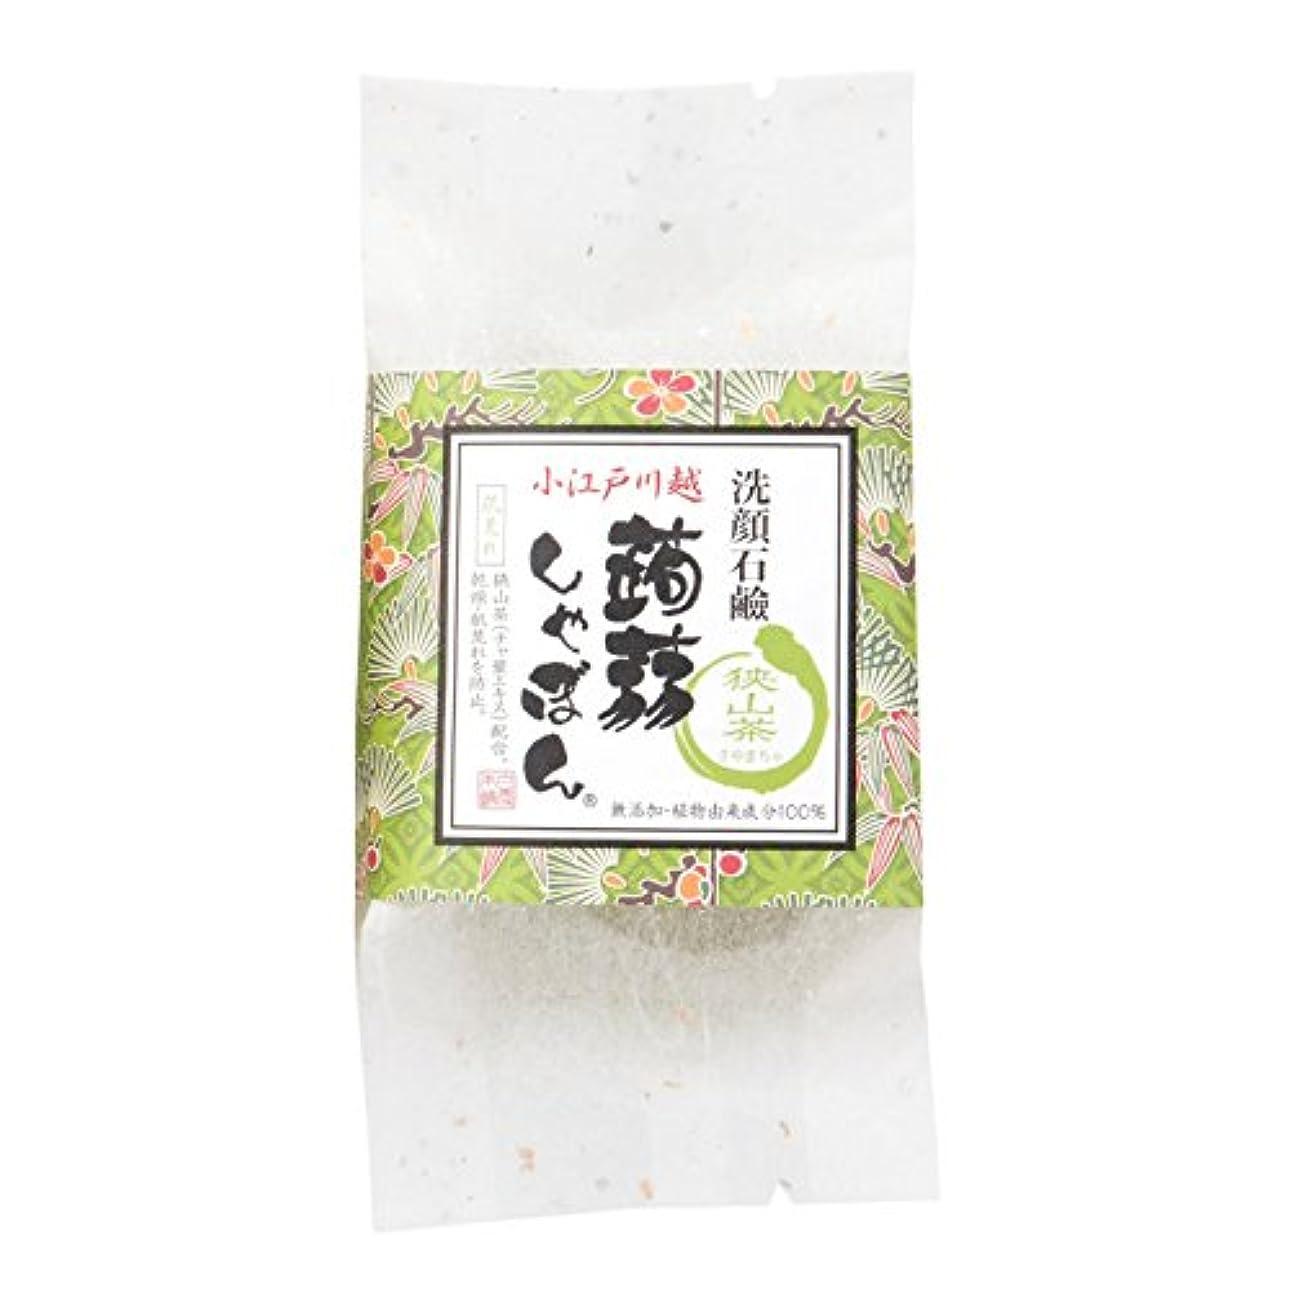 インタビュー直面する評論家川越蒟蒻しゃぼん狭山茶(さやまちゃ)